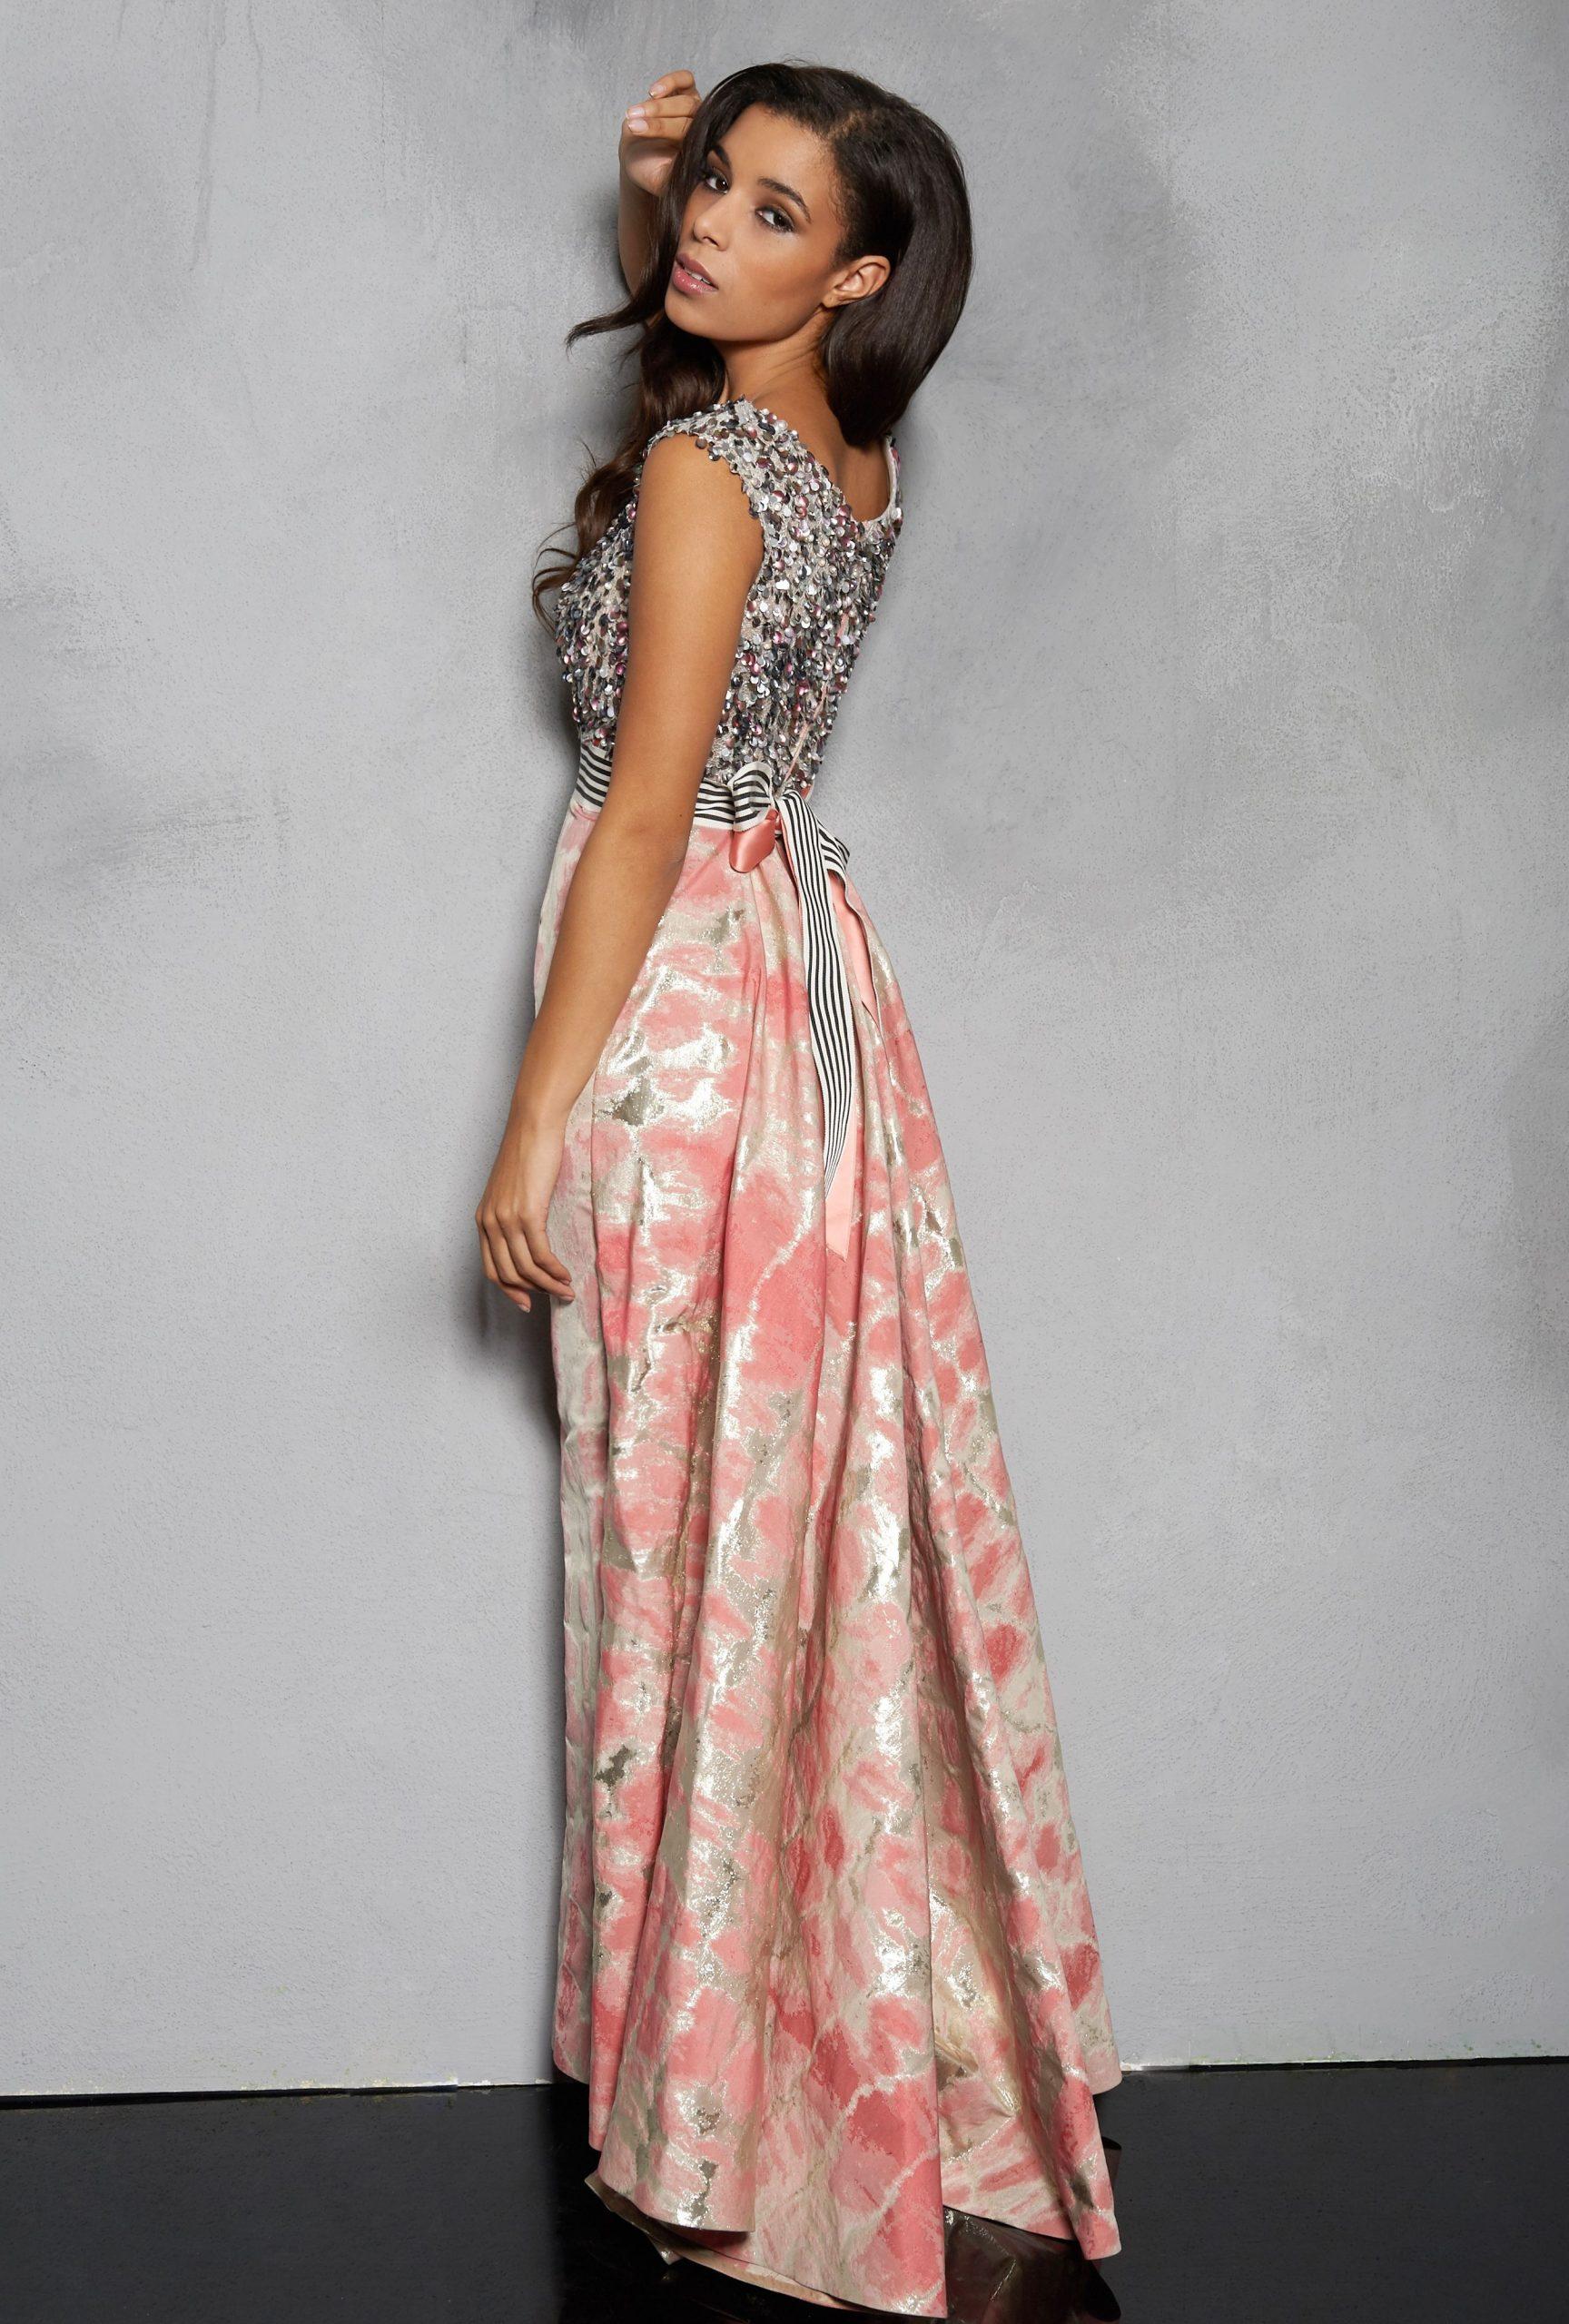 Großartig Abendkleider Mieten Design - Abendkleid